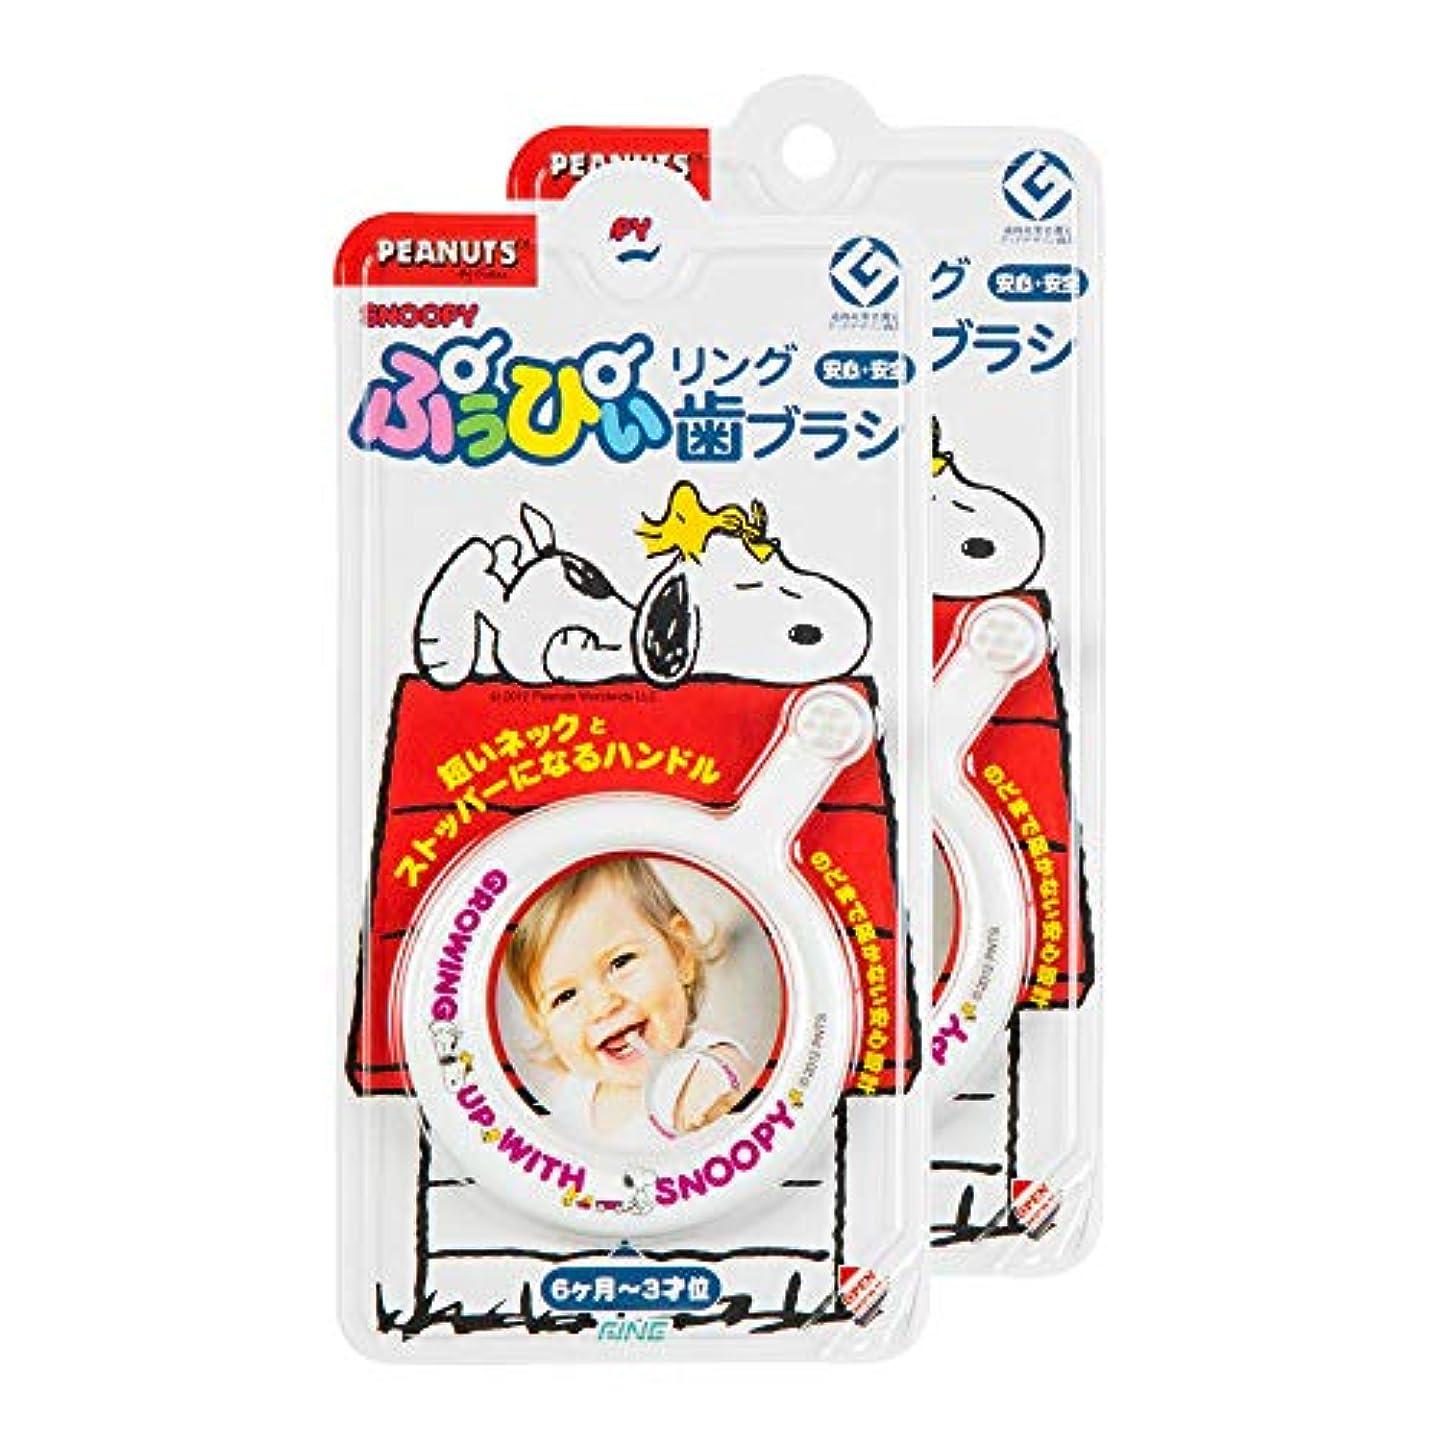 クマノミつぶやき従者【Amazon.co.jp限定】 ファイン ベビー用歯ブラシ 2個組 ピンク 2組 4976858872099